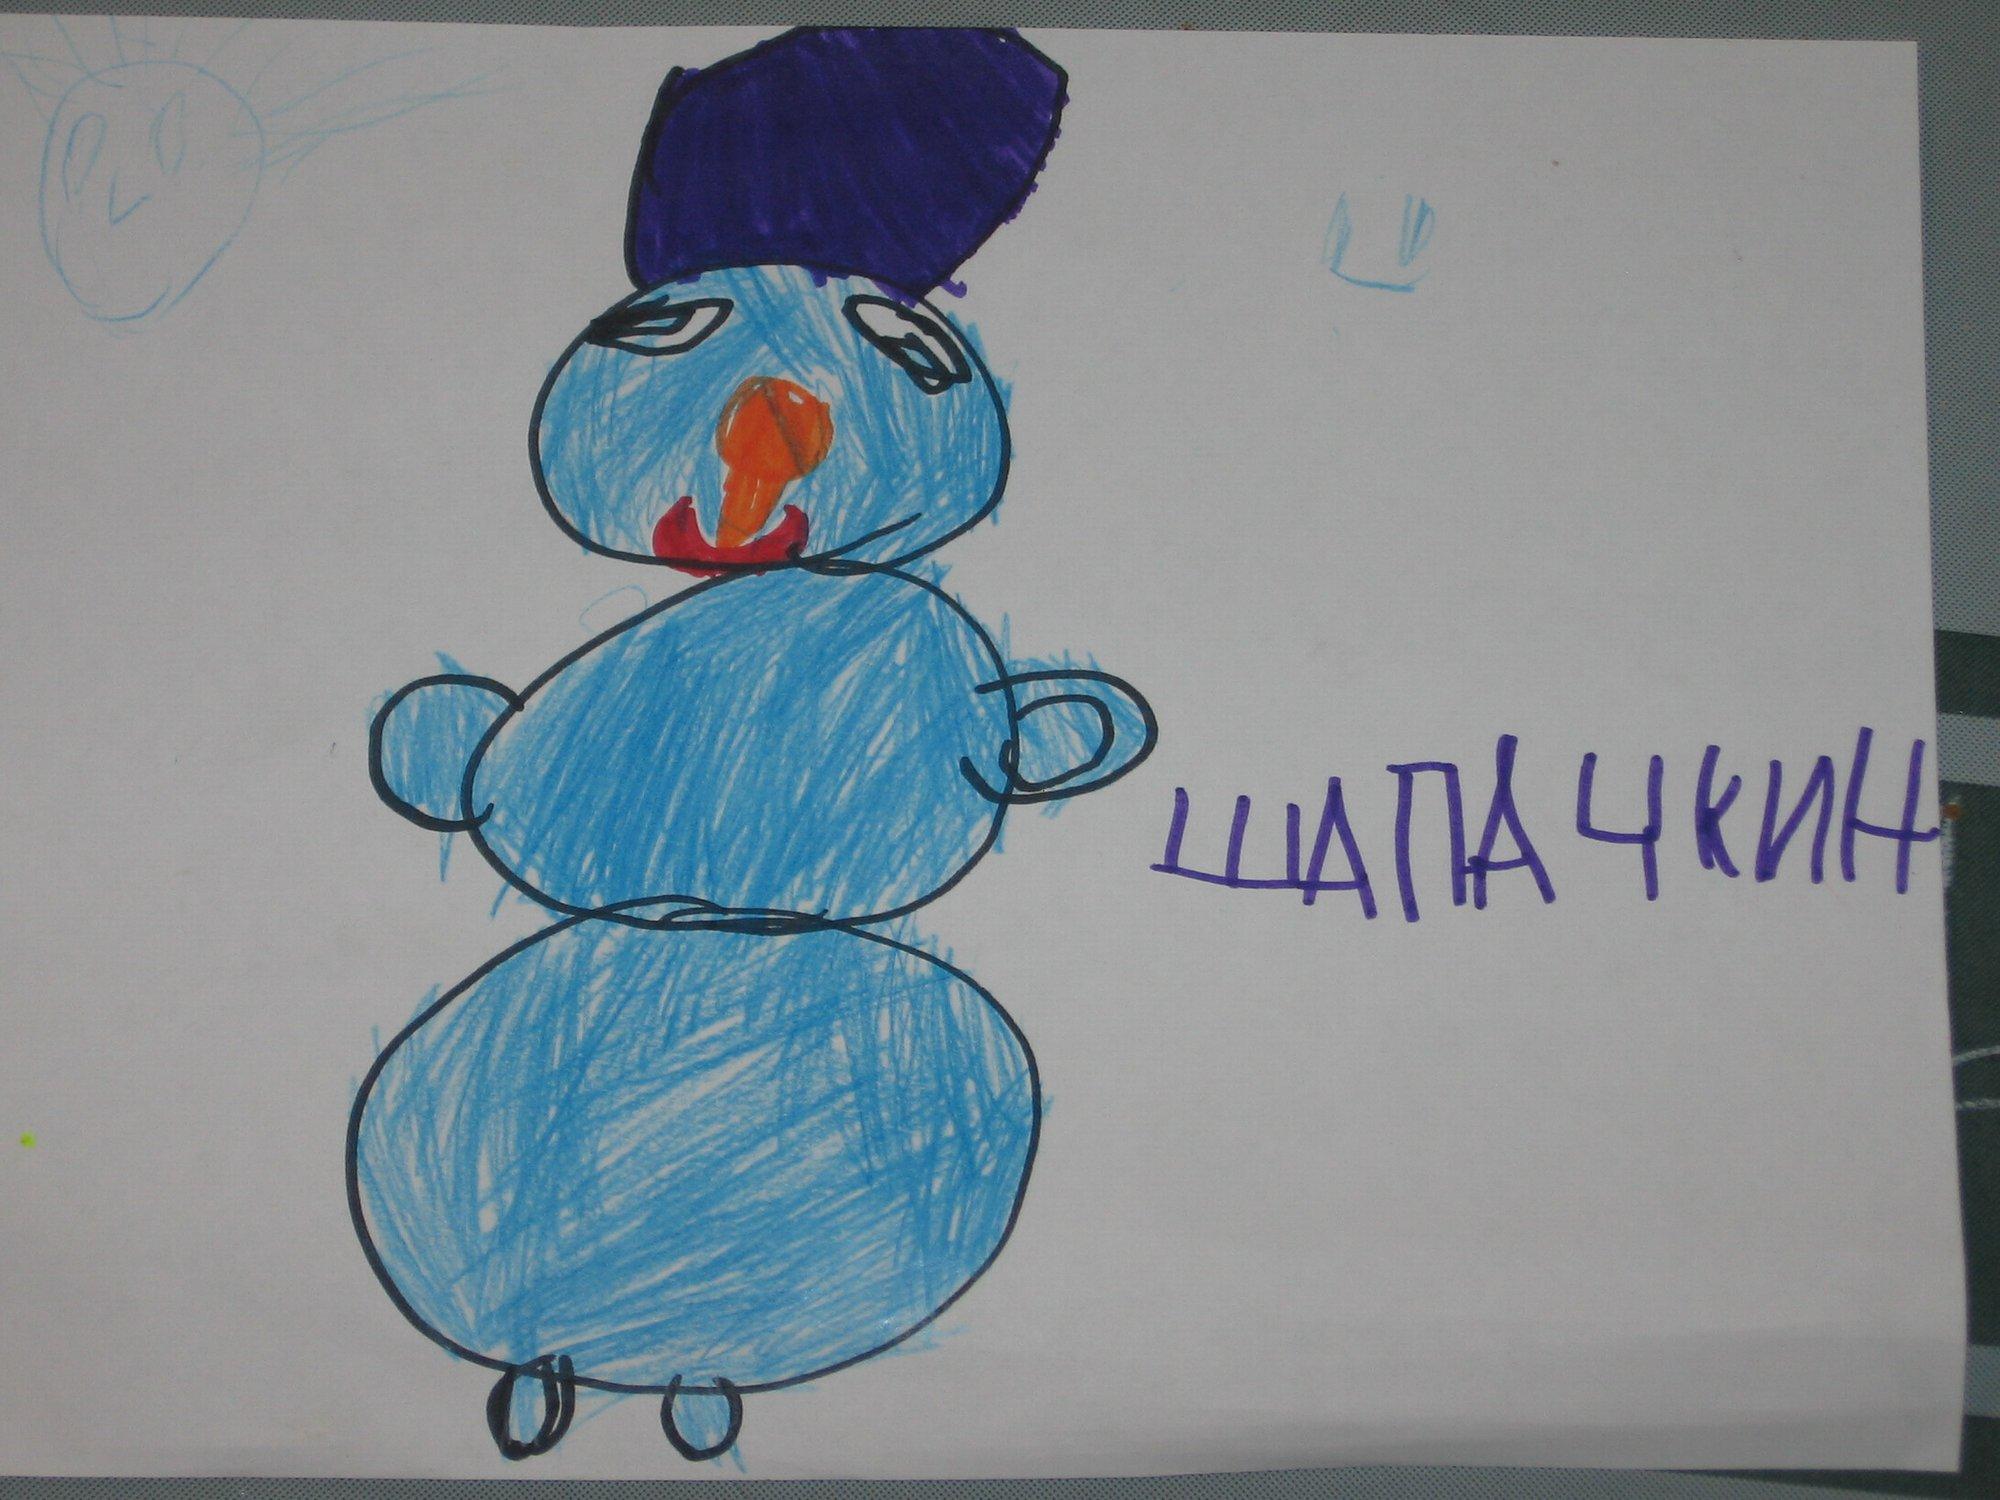 Снеговик Шапочкин.